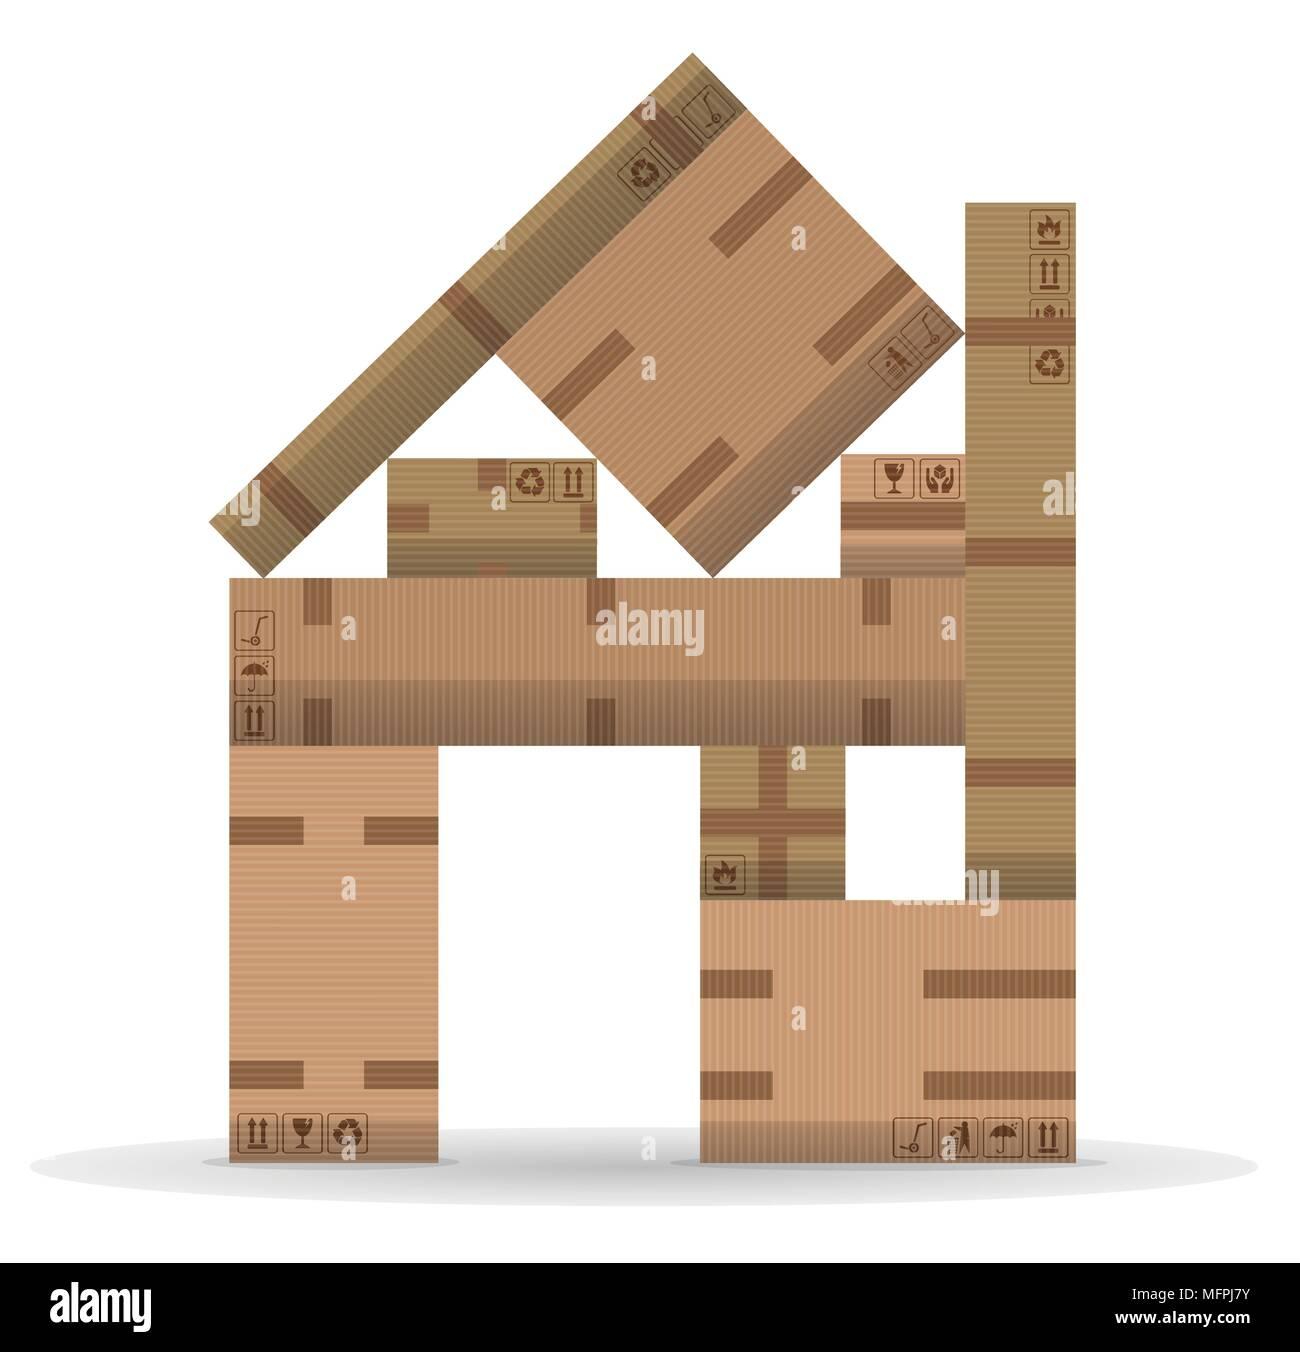 Casa mobile con scatole di cartone. Tutti gli oggetti e i simboli di confezionamento sono in diversi strati. Immagini Stock